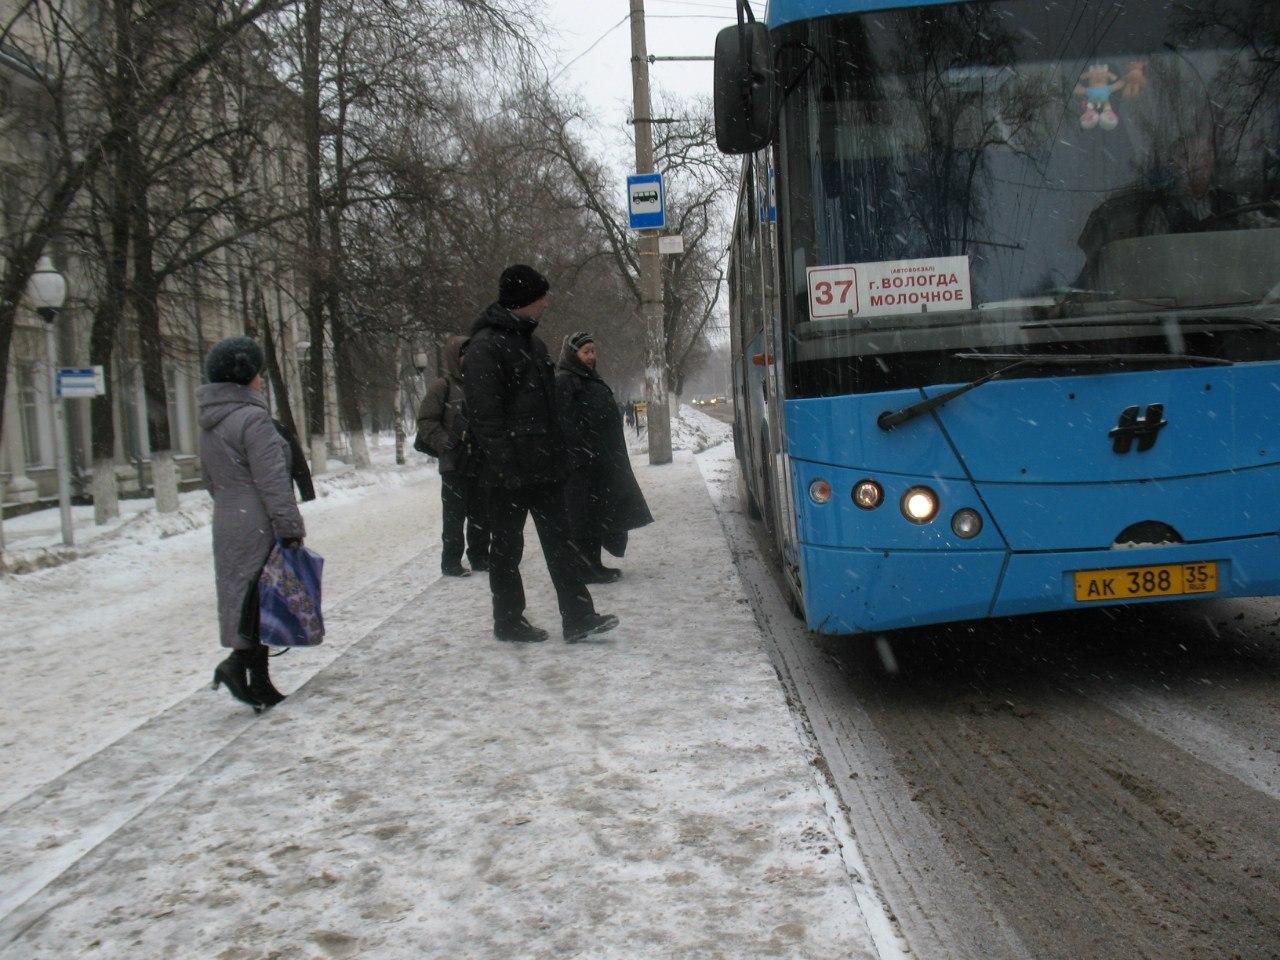 УФАС:  Конкурс на часть маршрутов в Вологде, которые выиграло ПАТП-1, был незаконным